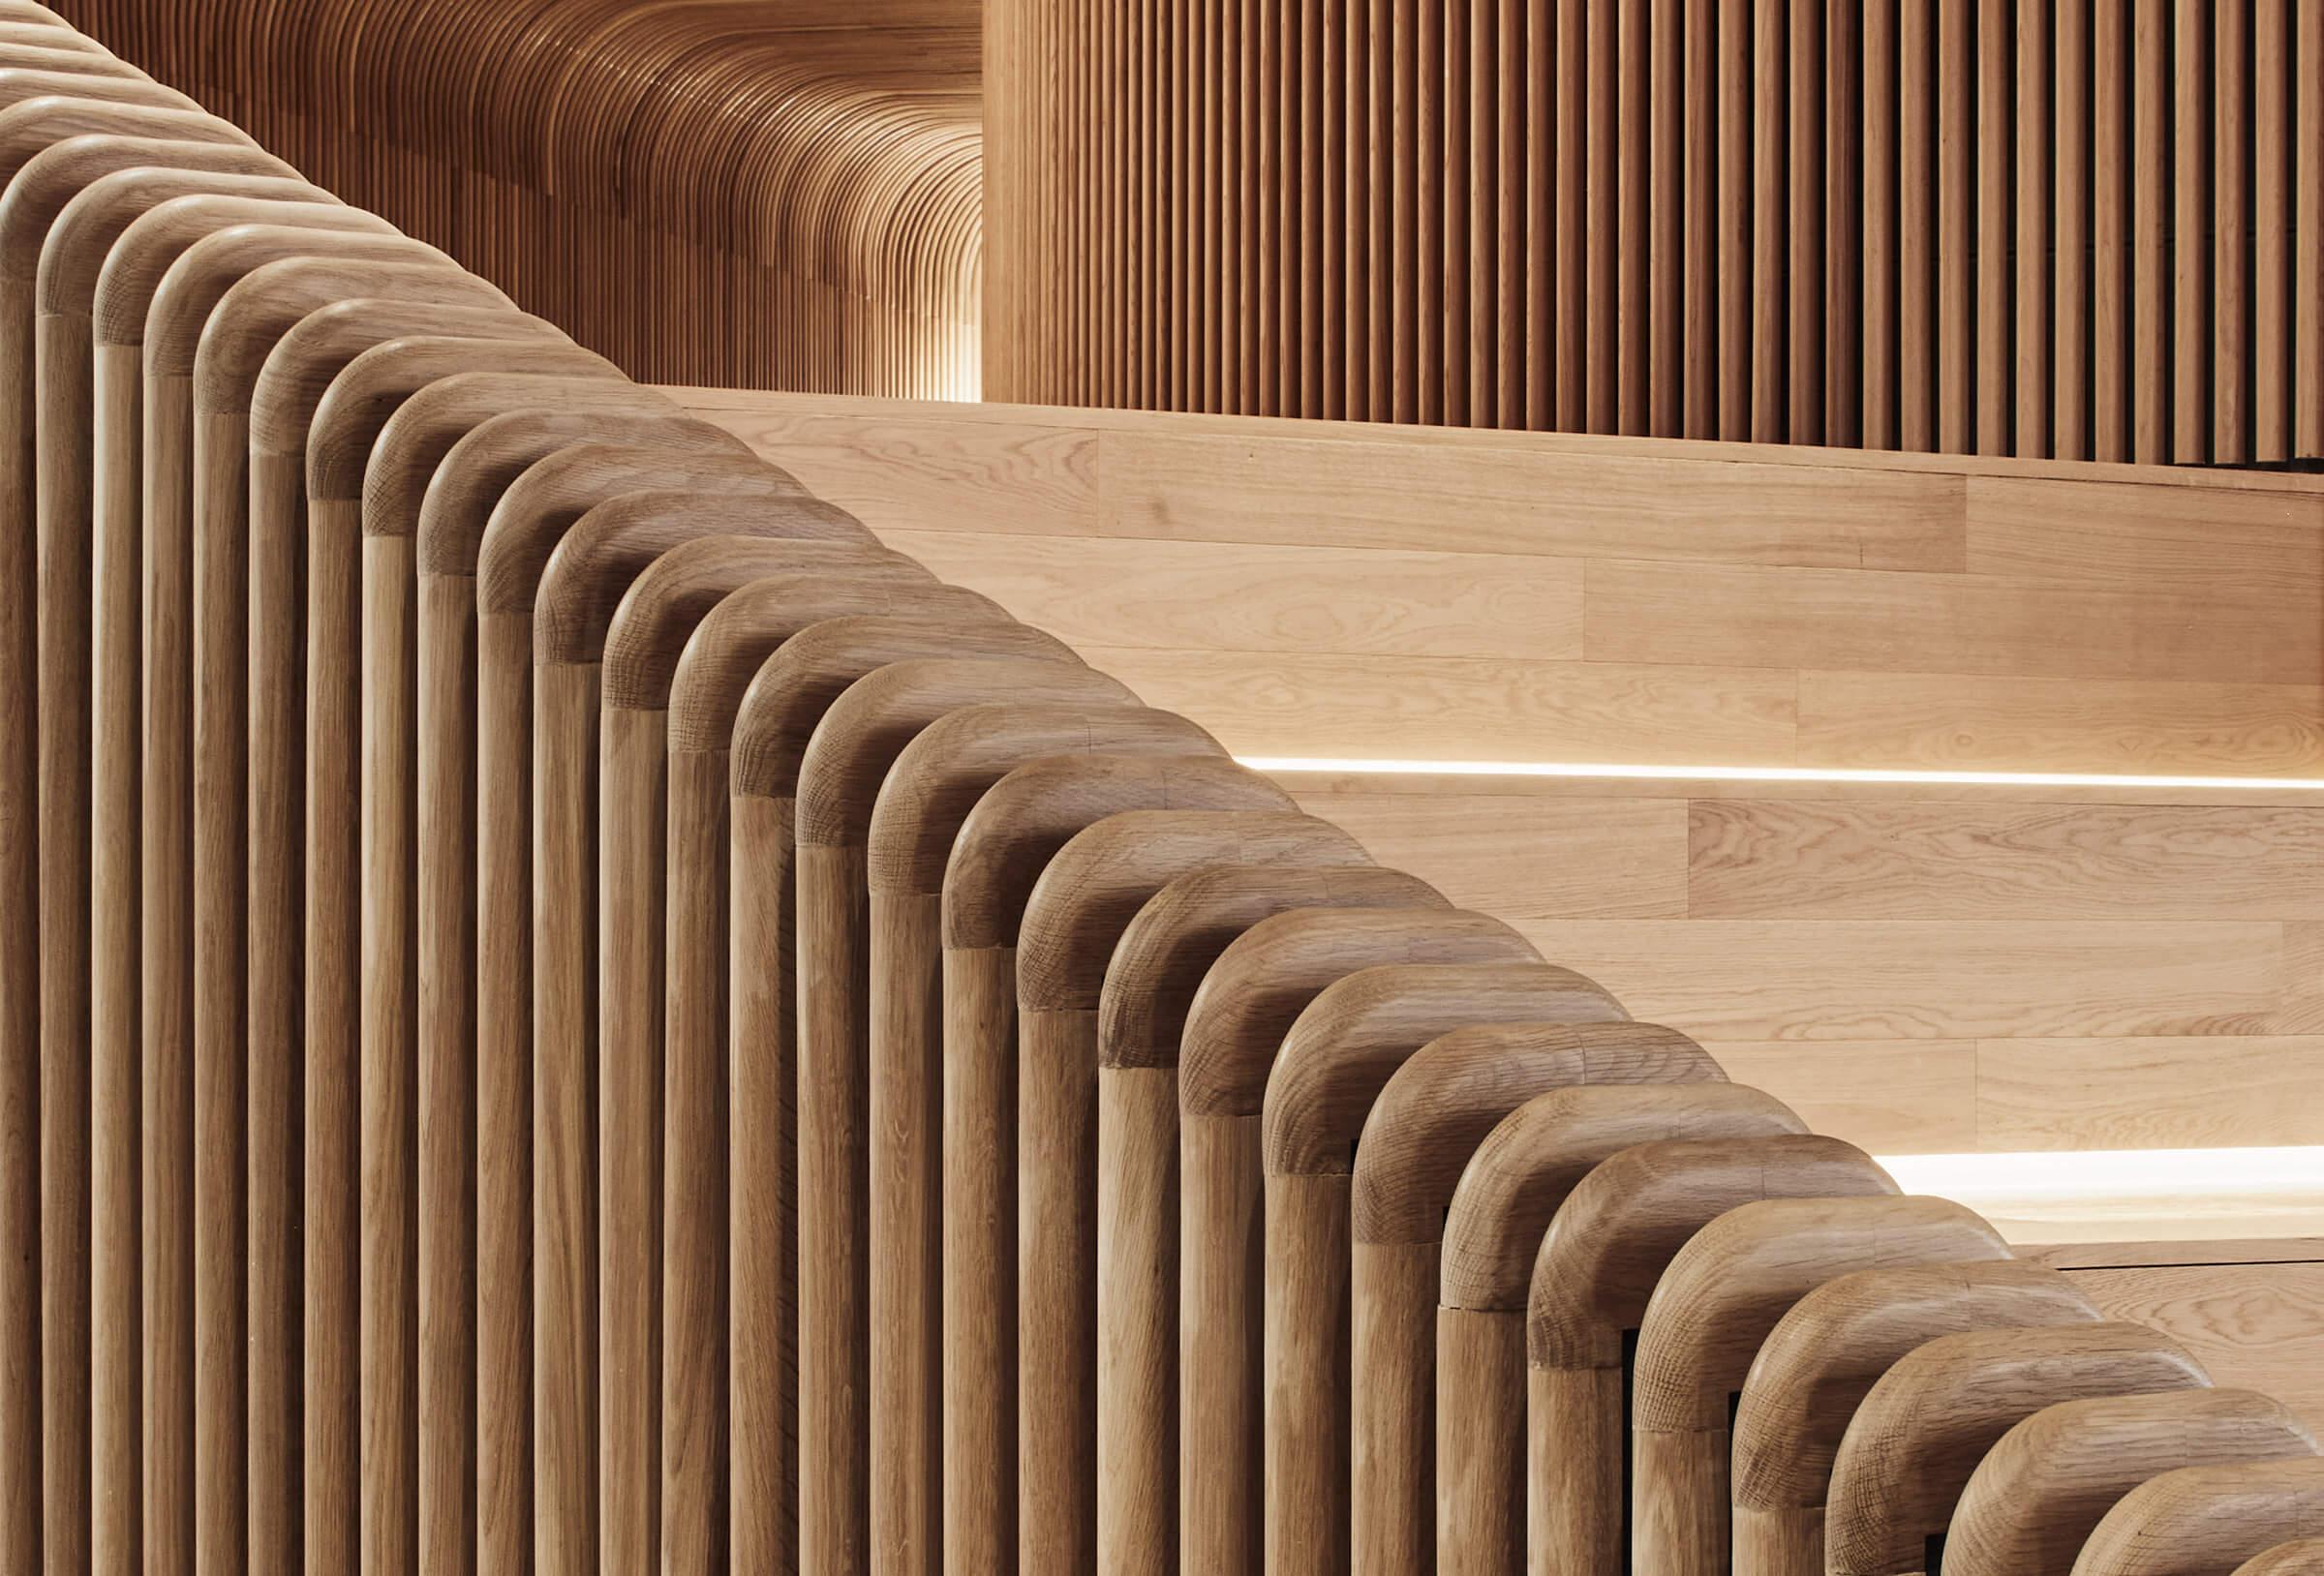 Sculptform Curved Timber CNC